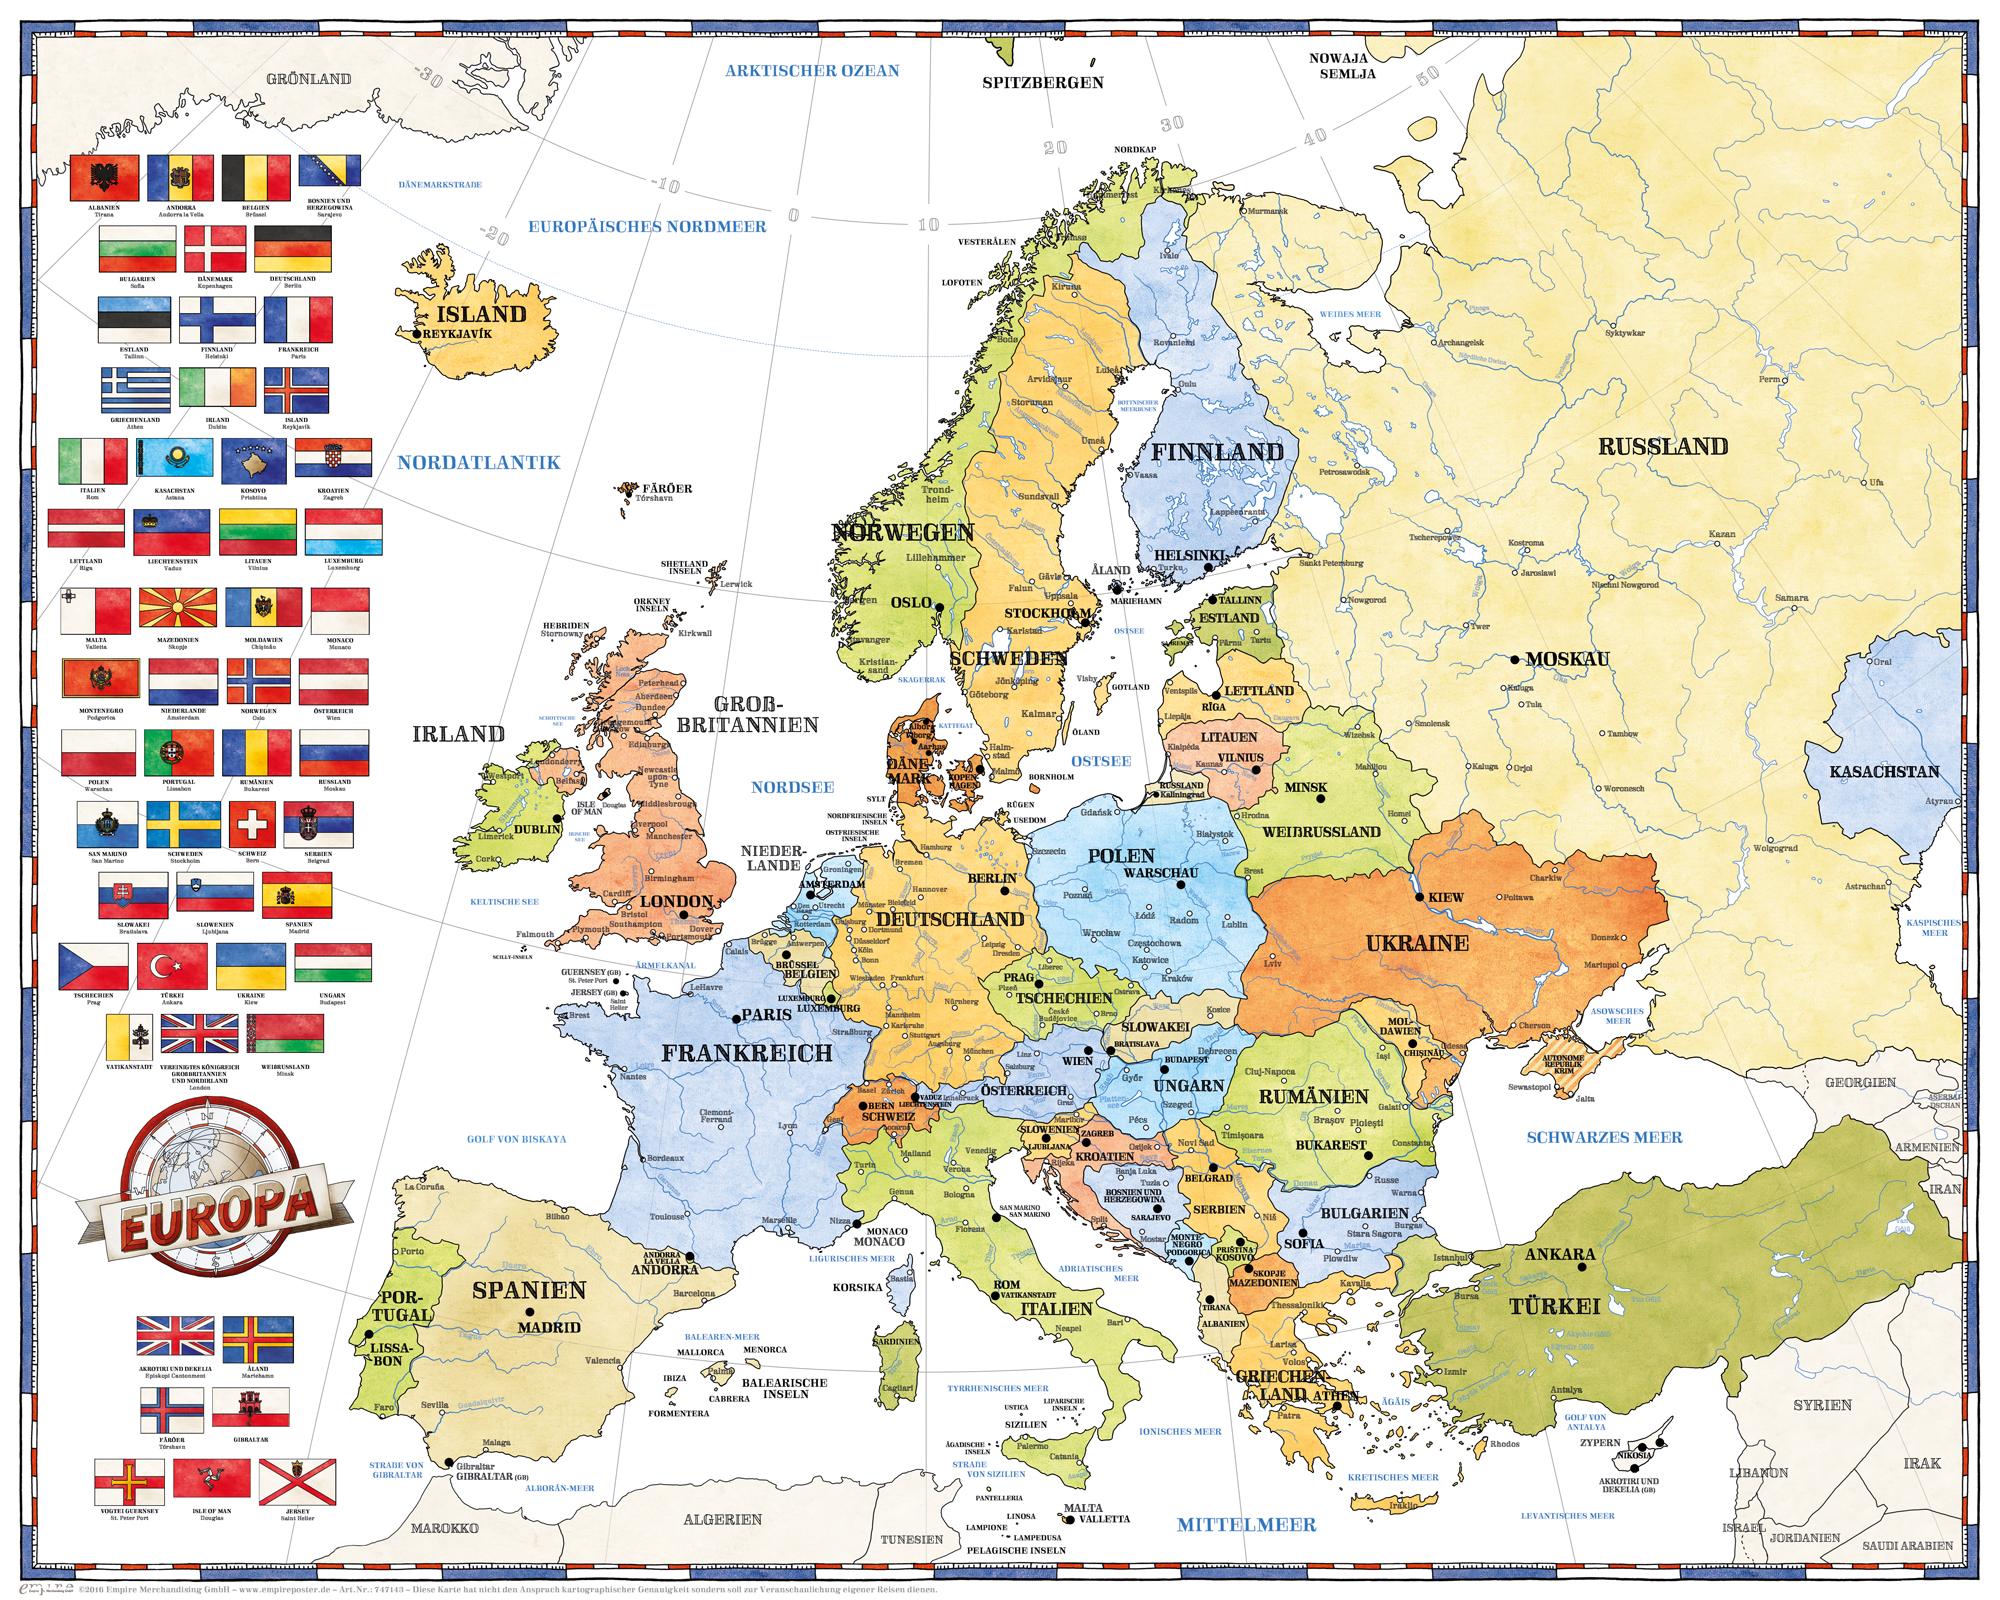 Europa Rubbelkarte